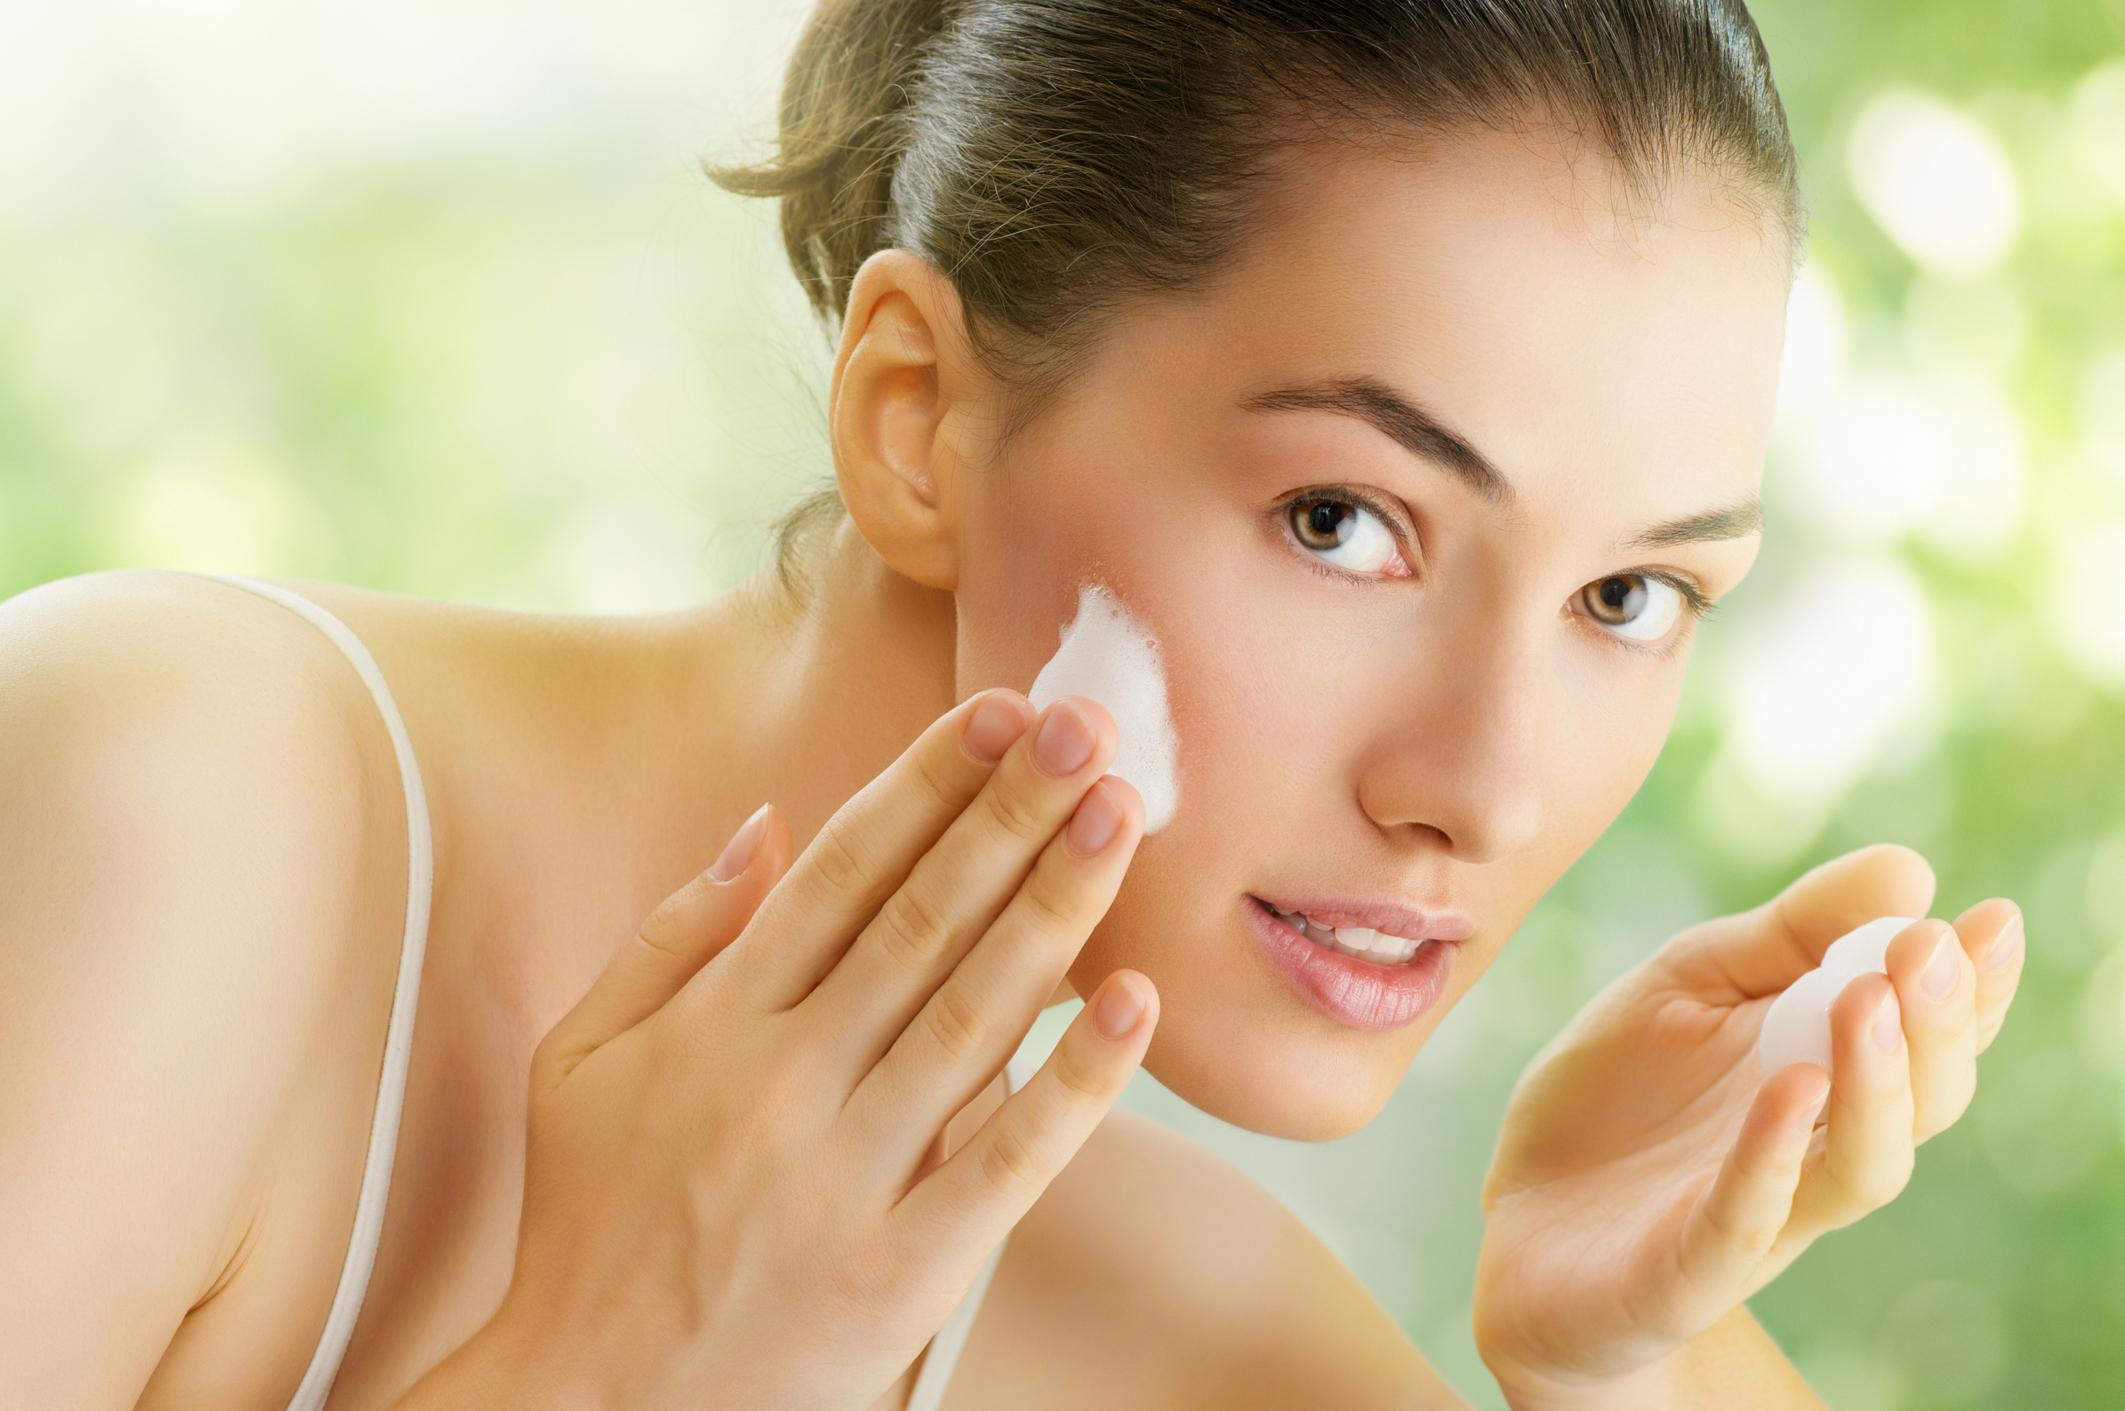 A woman applies facial cream.